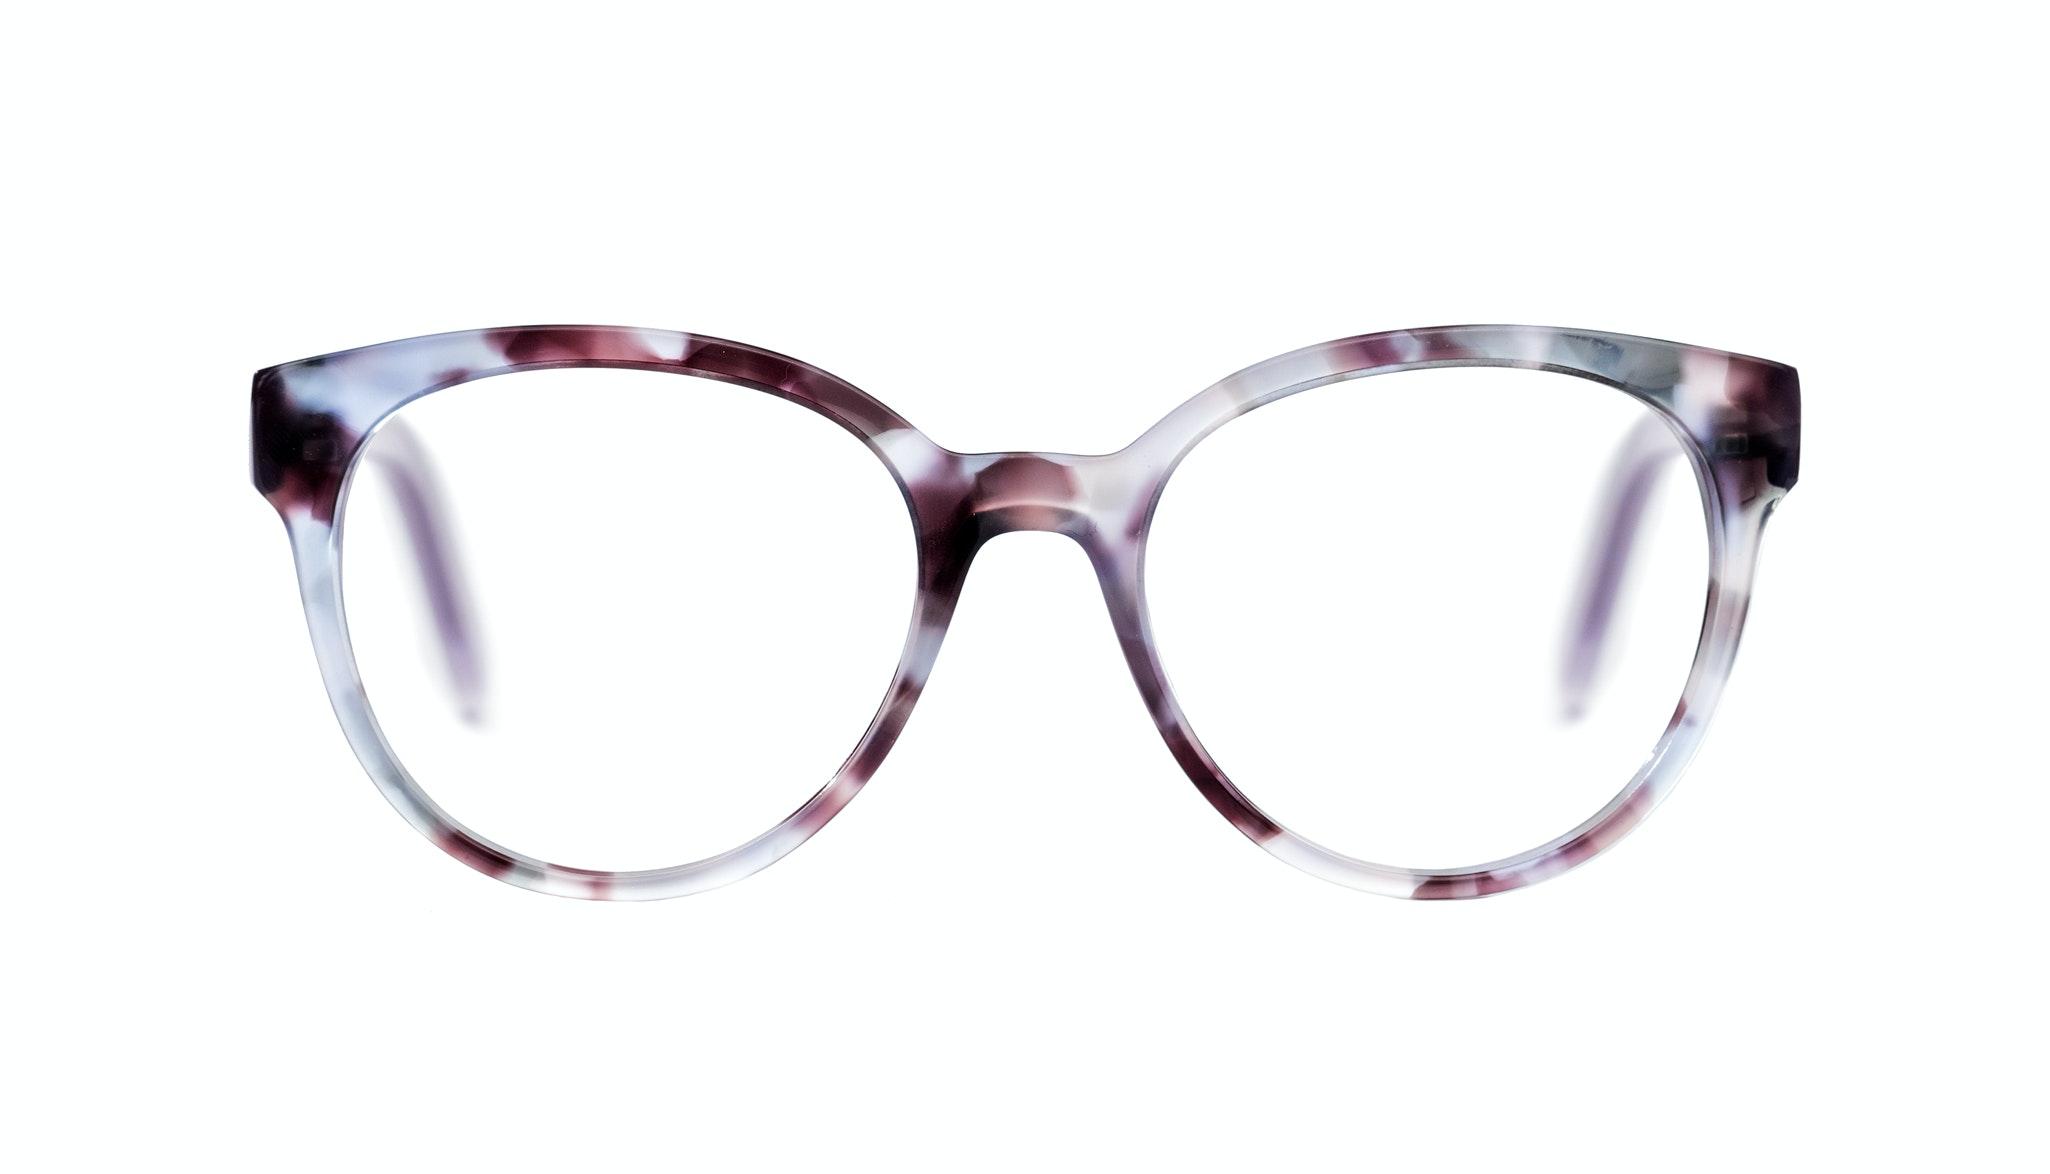 Lunettes tendance Oeil de chat Ronde Optiques Femmes Eclipse Lilac Tort